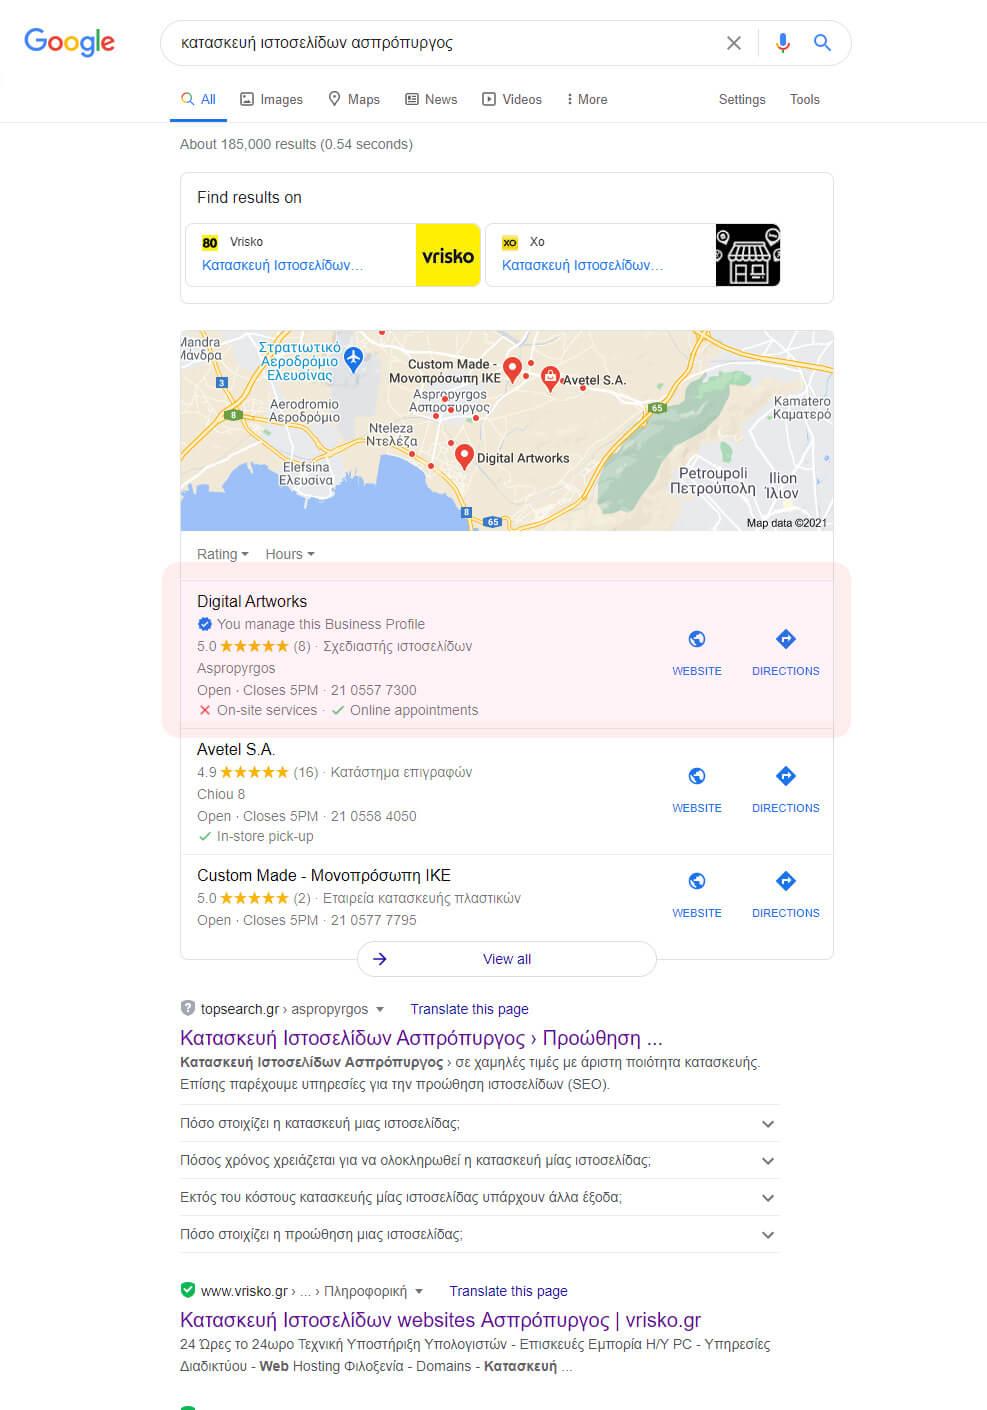 Αναζήτηση κατασκευή ιστοσελίδων Ασπρόπυργος